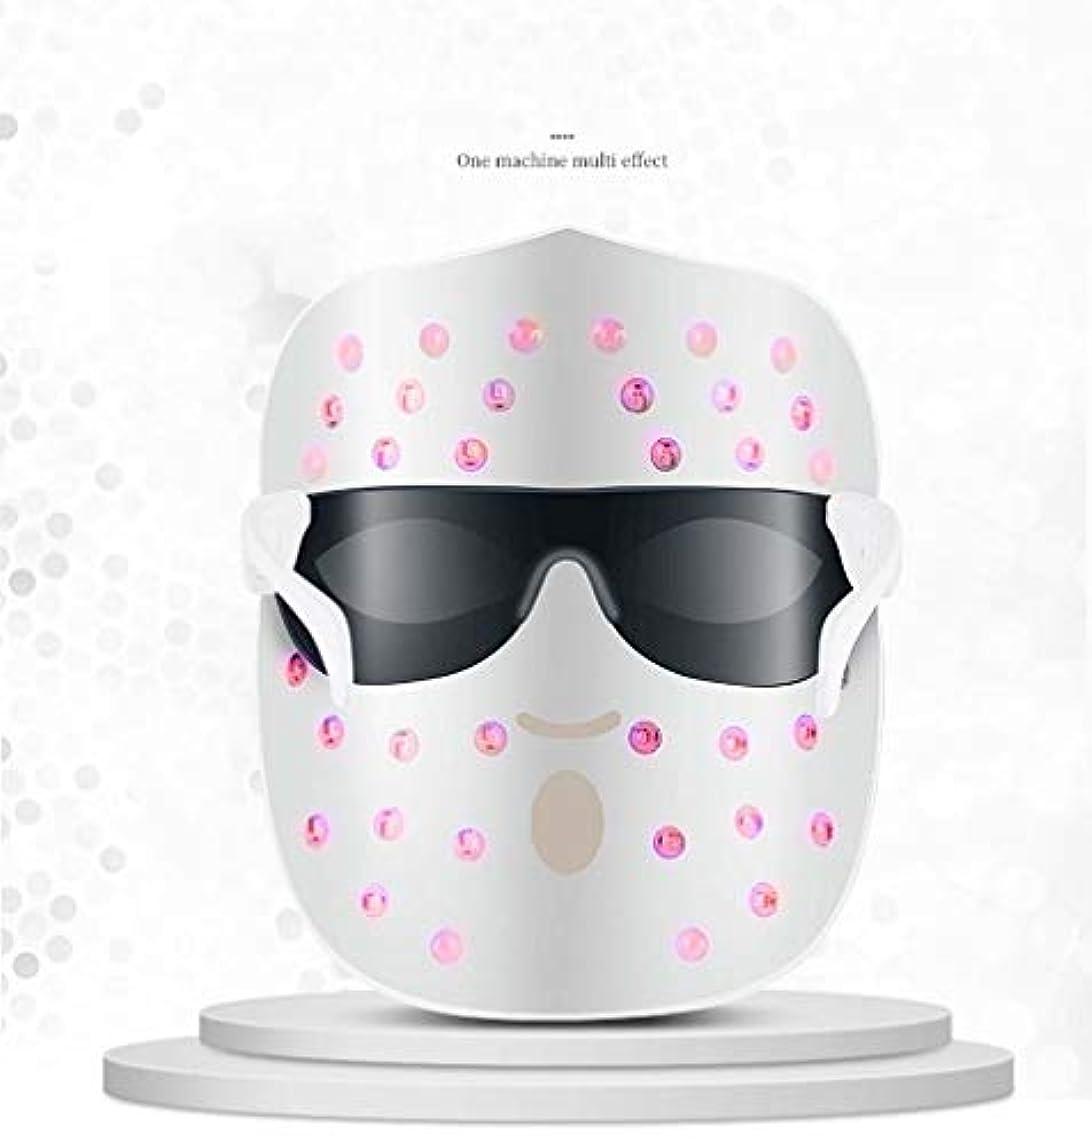 地域にもかかわらず穴レッド/ブルー/オレンジの個別ライト - ライトセラピーは顔のスキンケアのためのにきび治療無制限セッションをマスク